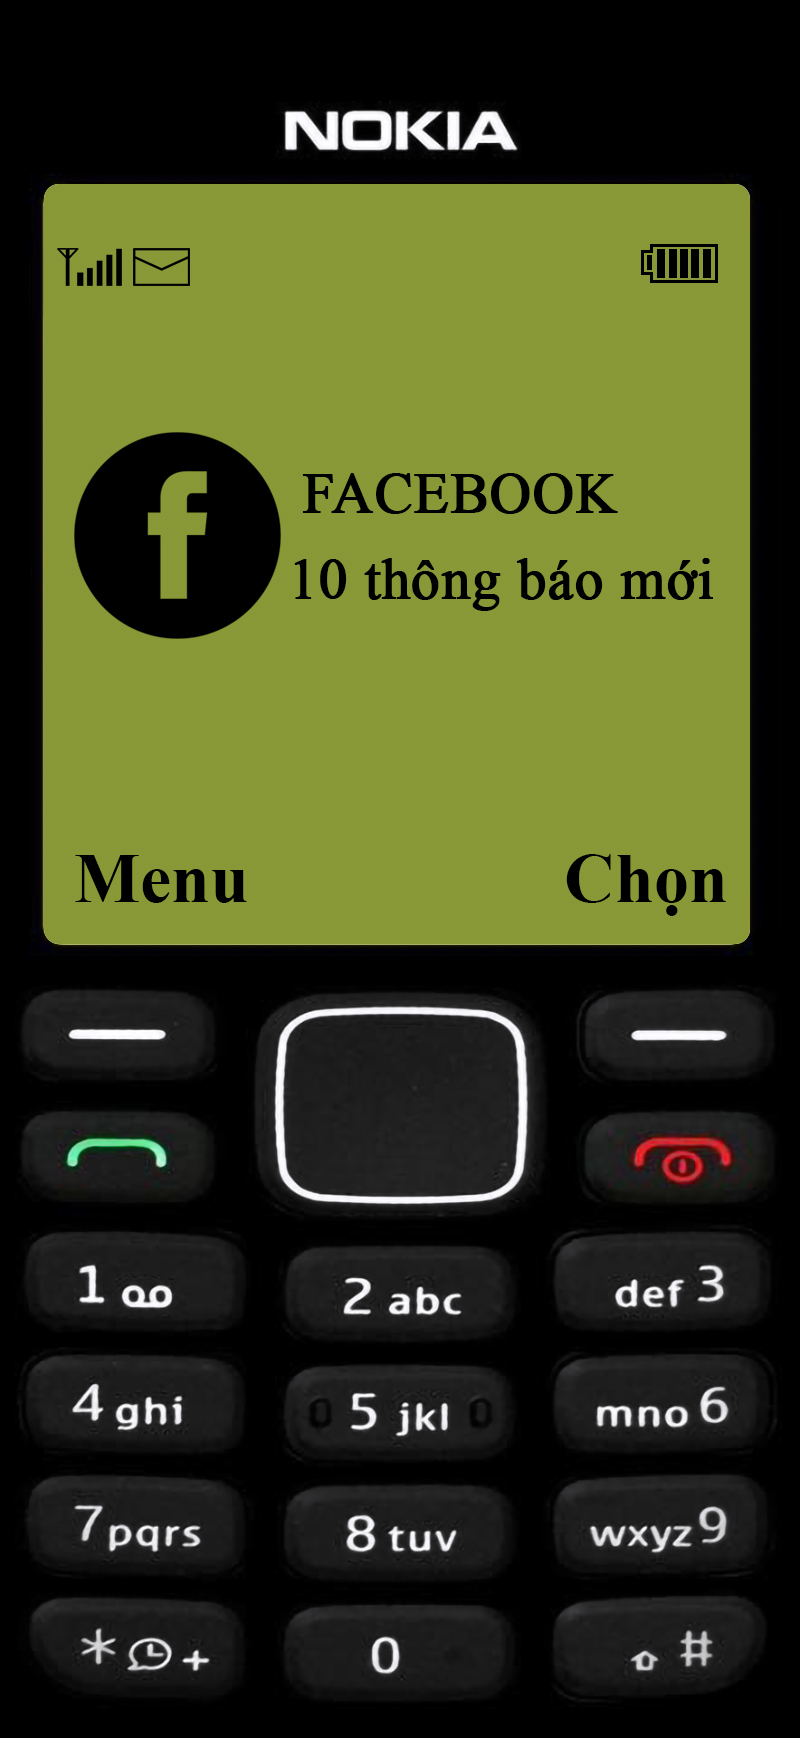 hinh nen dien thoai nokia 1280 logo facebook 3